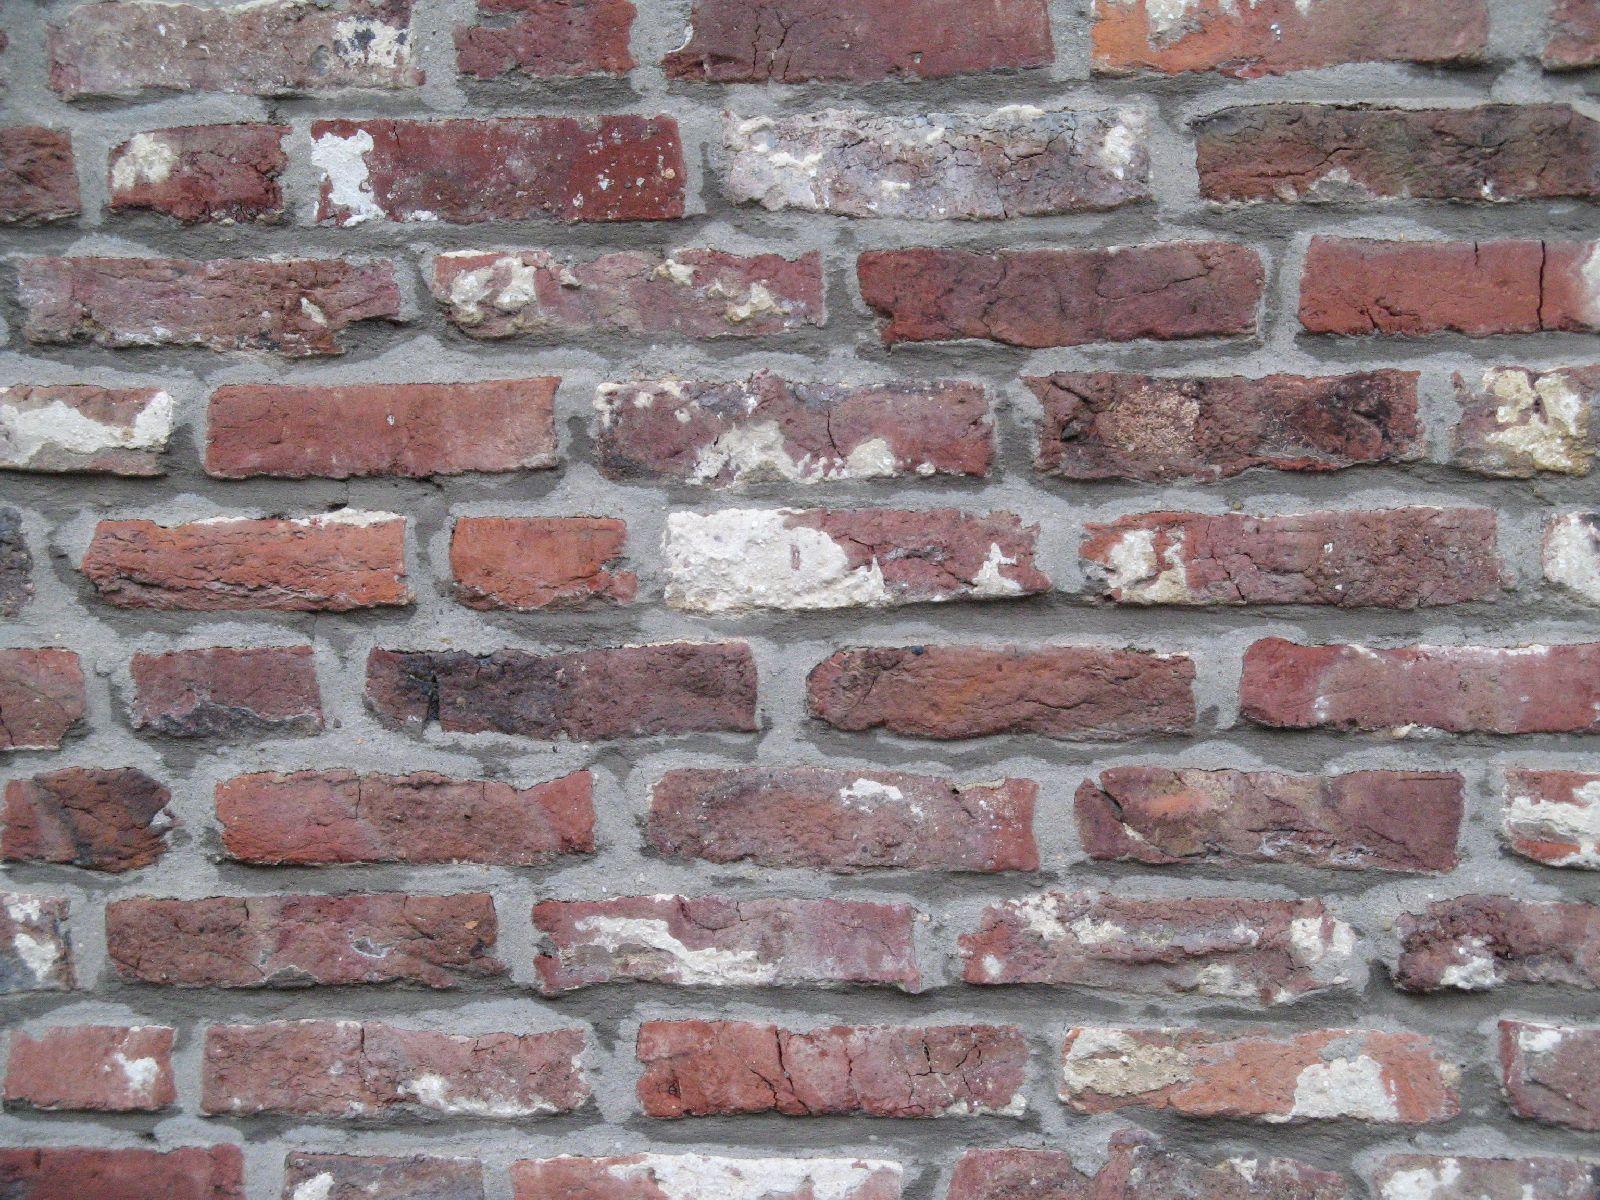 Wand-Mauerwerk-Backstein_Textur_B_5869